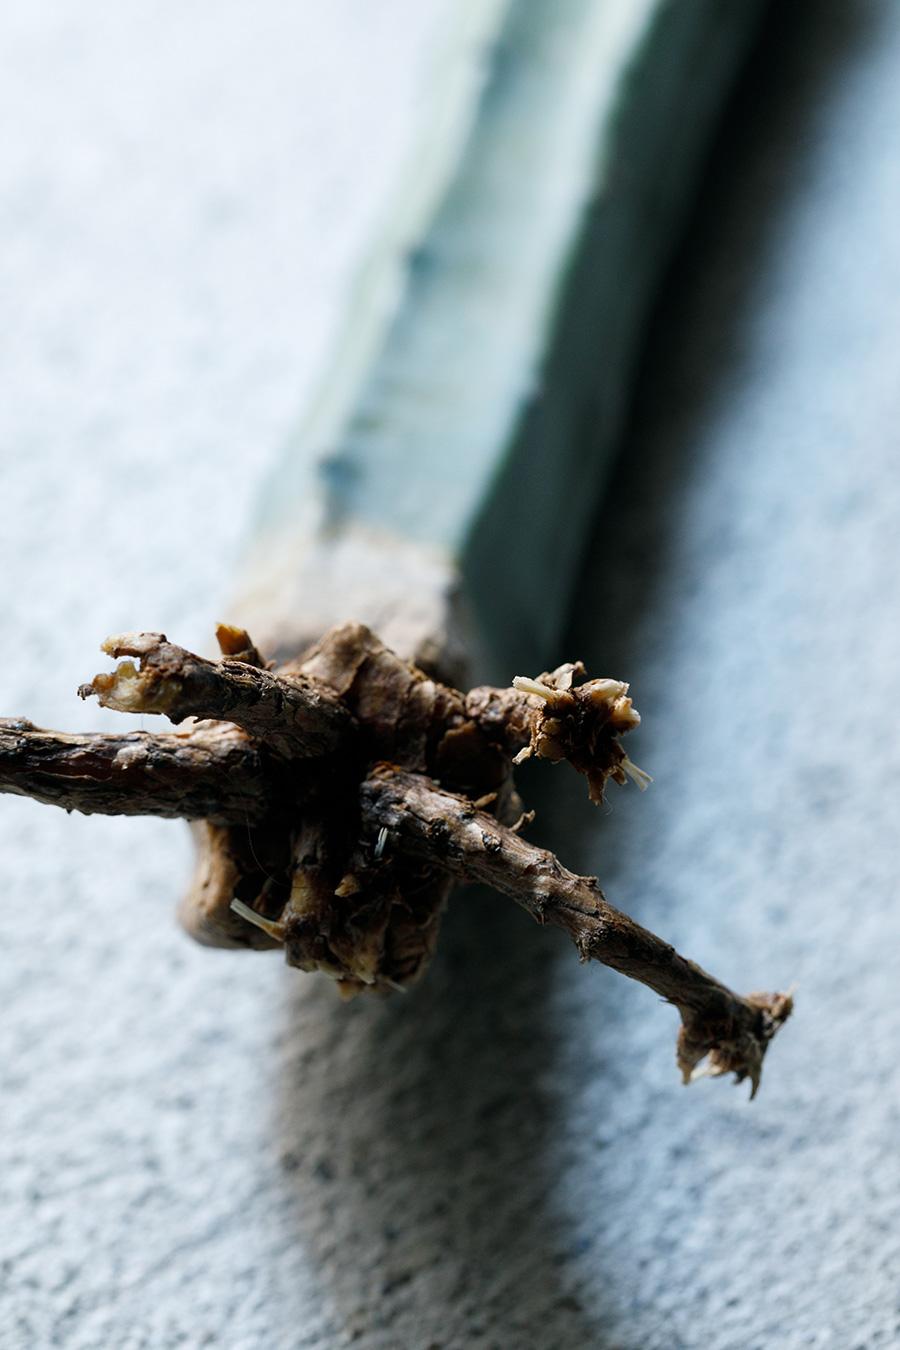 ちなみにこちらが柱サボテンの根の部分。新しい白い根が出始めたのが見えるだろうか。この状態になってから、水に挿す。